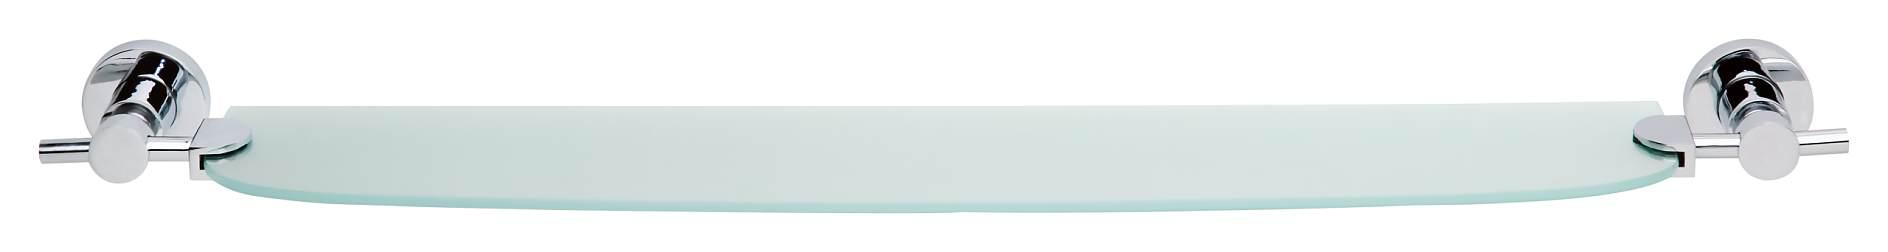 Glasablage bad aus satiniertem glas ohne bohren for Glasablage bad ohne bohren